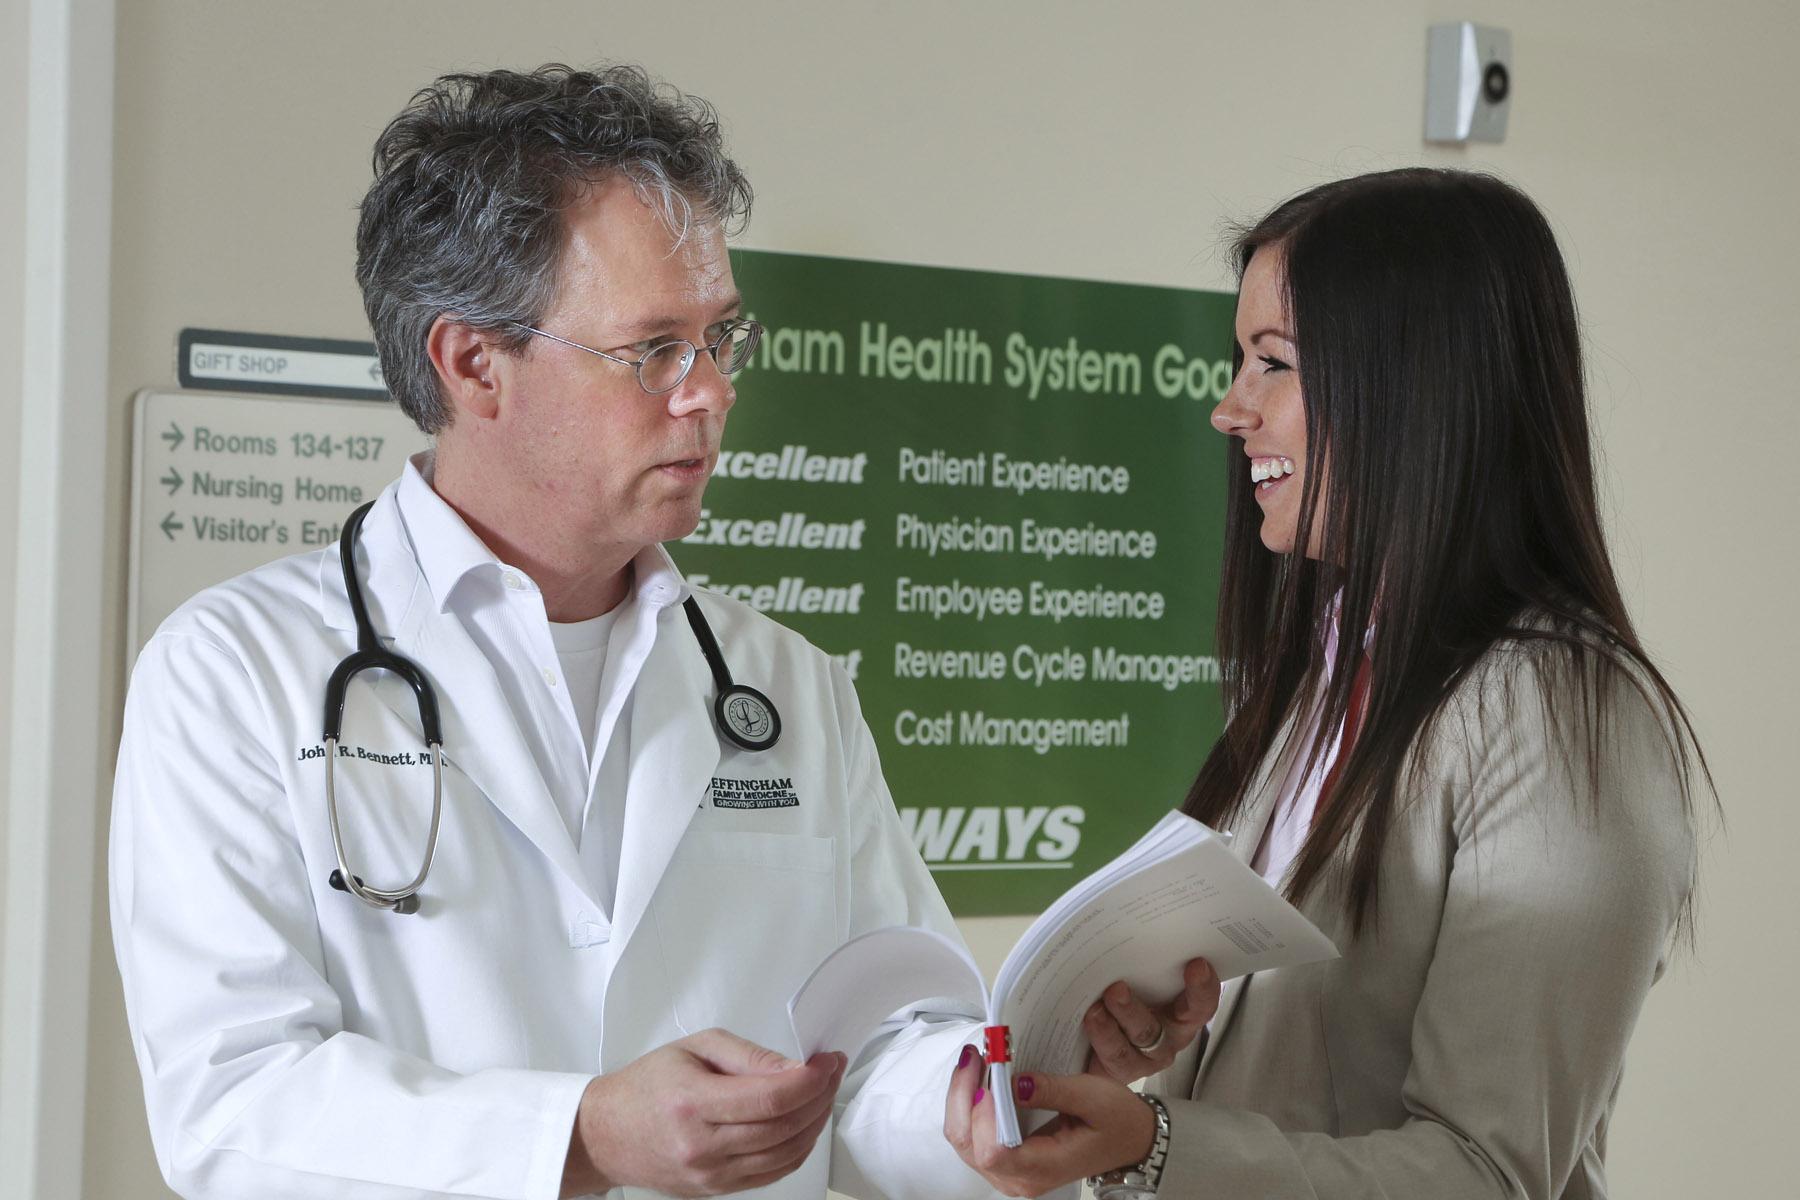 Dr.Bennett.jpg